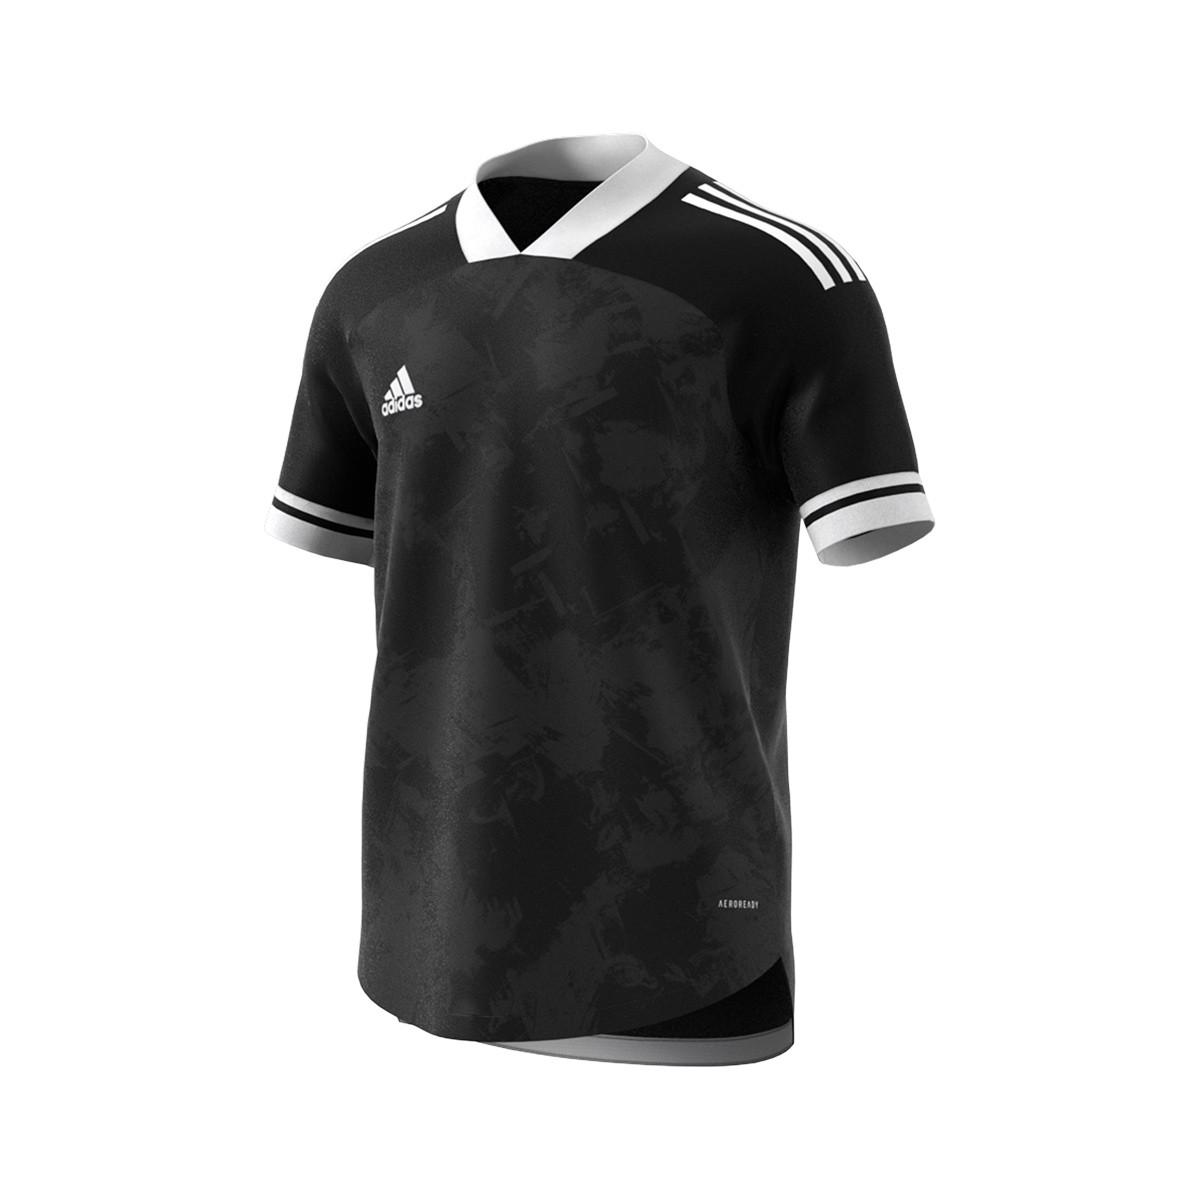 Jersey adidas Condivo 20 Black-White - Fútbol Emotion